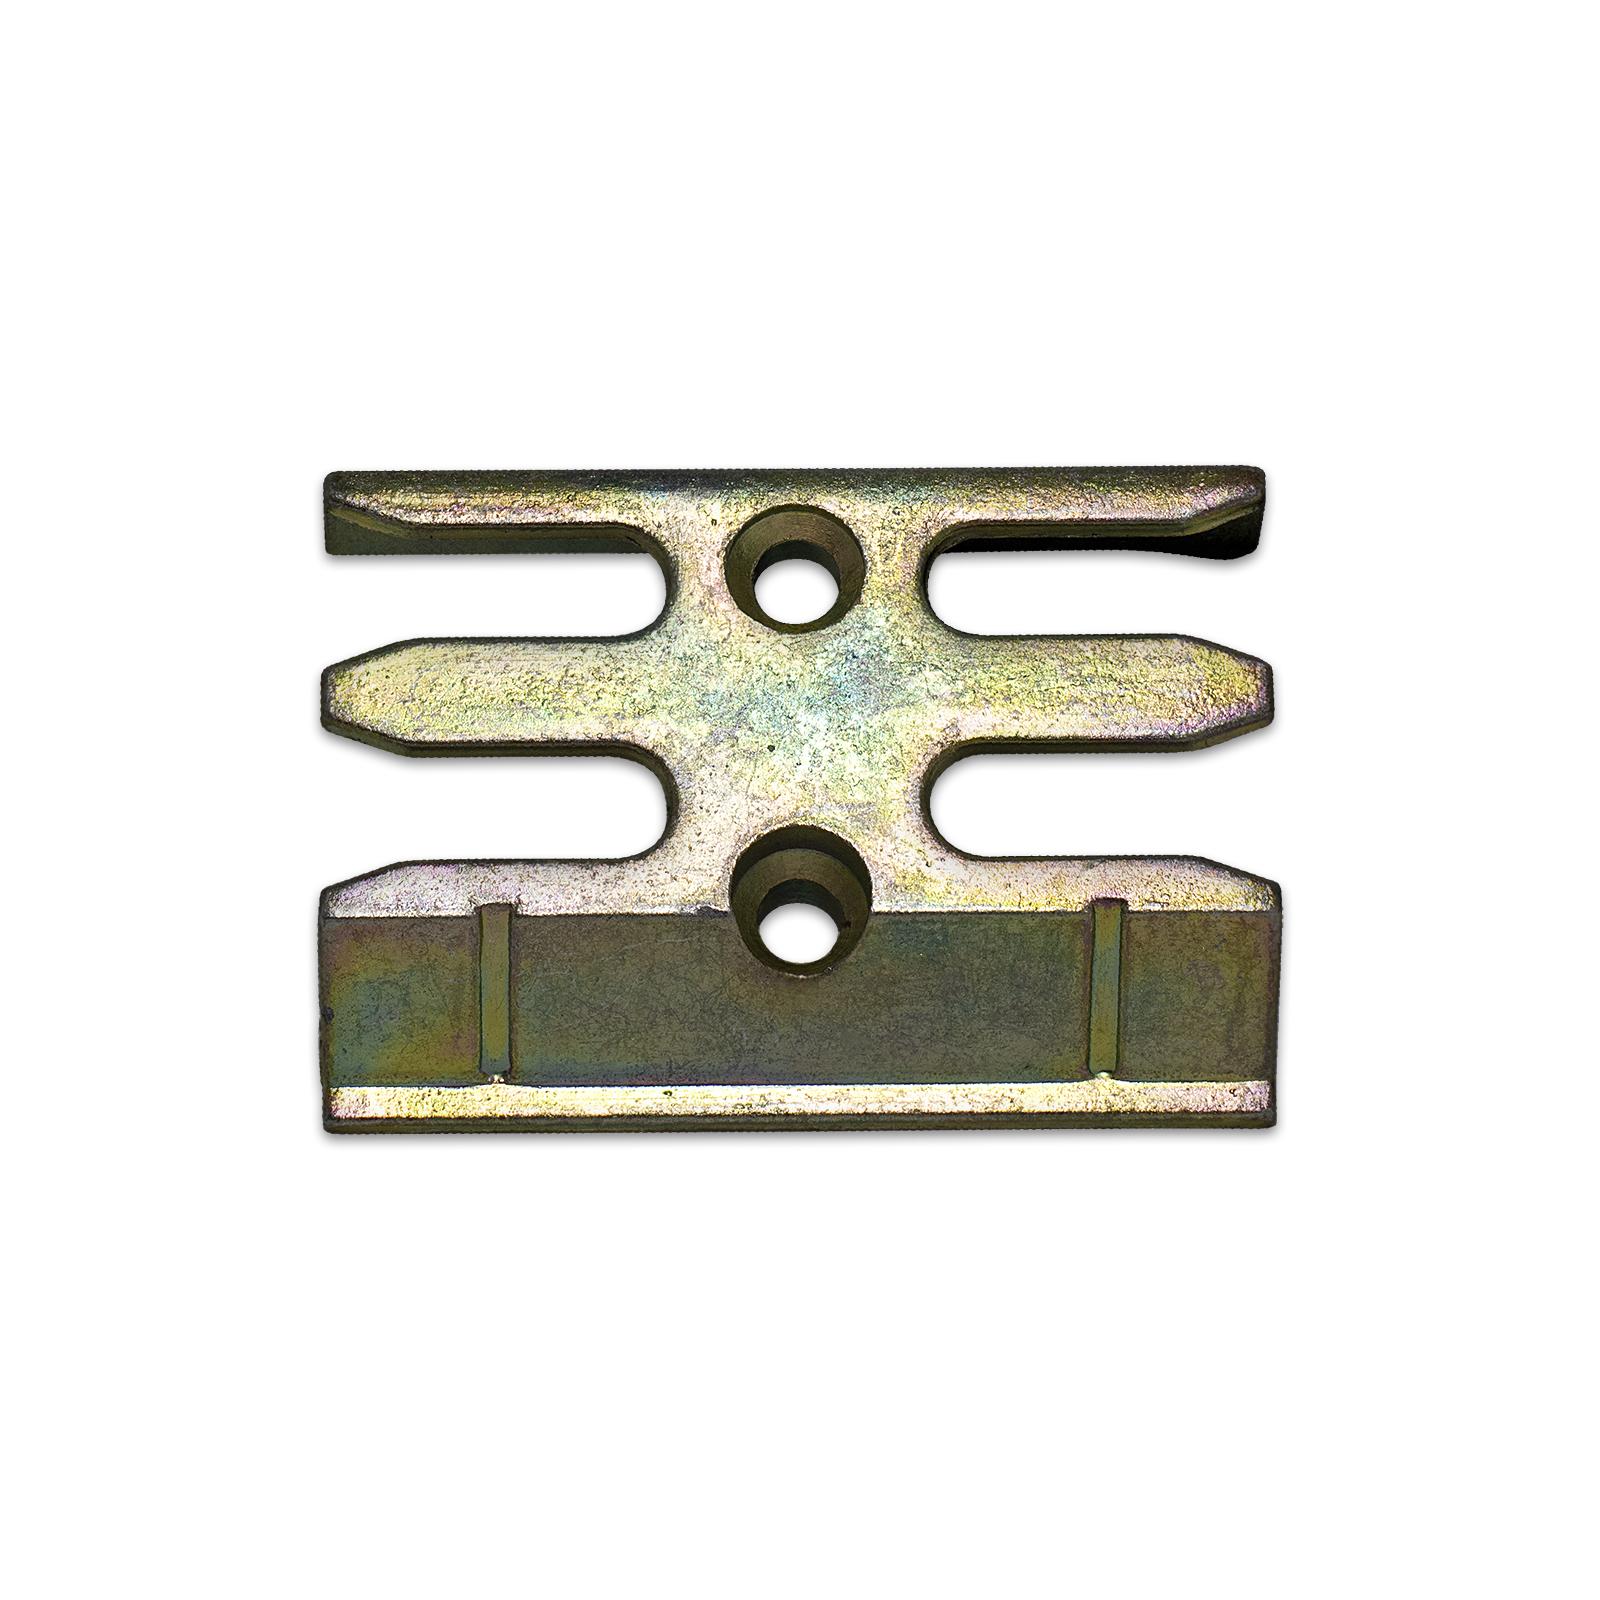 Avocet WMS Espag Mushroom uPVC Window Keep ERK076M Strike Plate